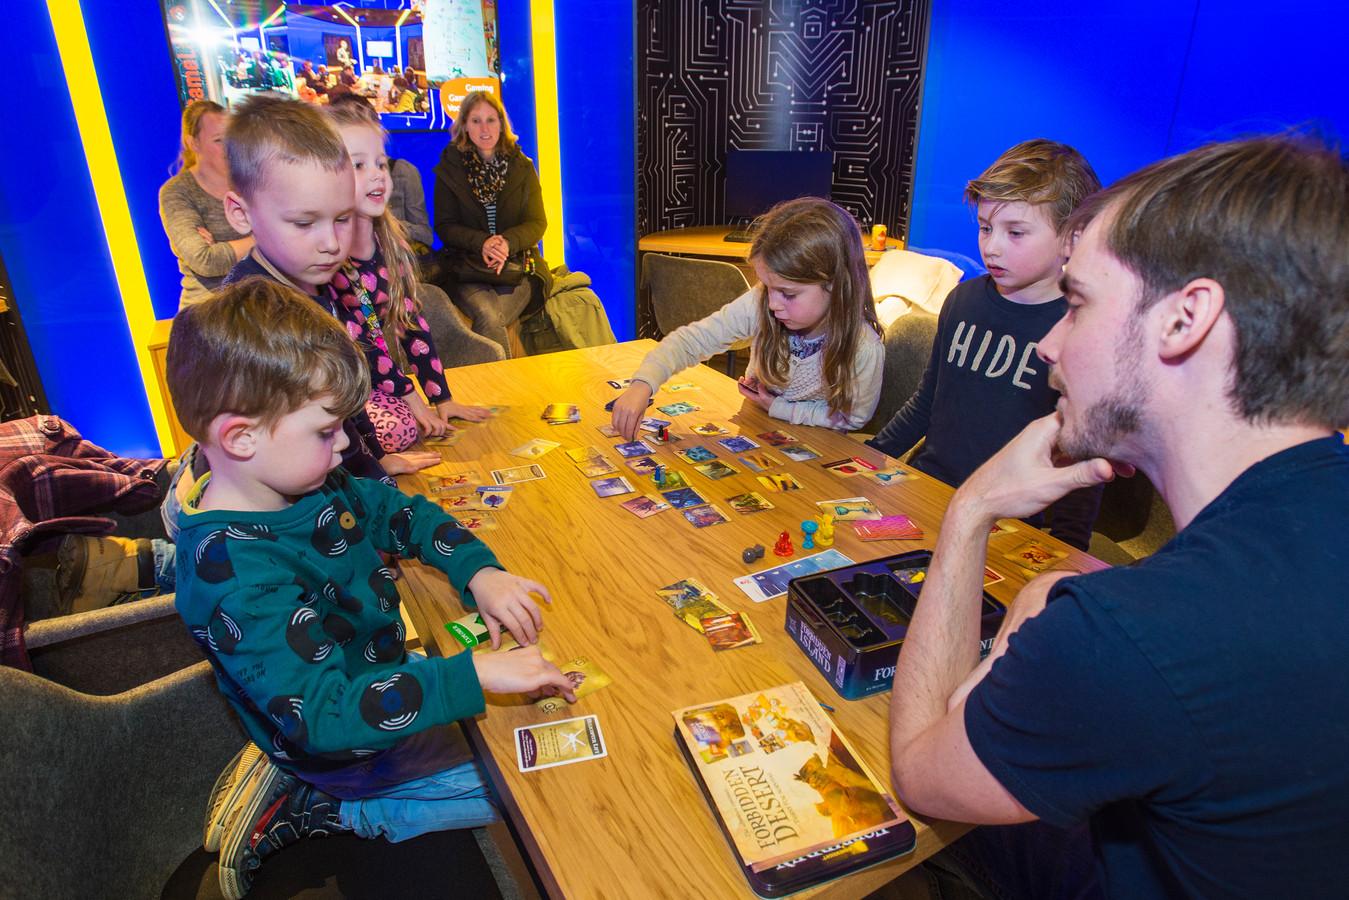 Robin Zwiers kijkt toe hoe vijf- en zesjarigen enthousiast Forbidden Island spelen in het GameLab van de LocHal in Tilburg.